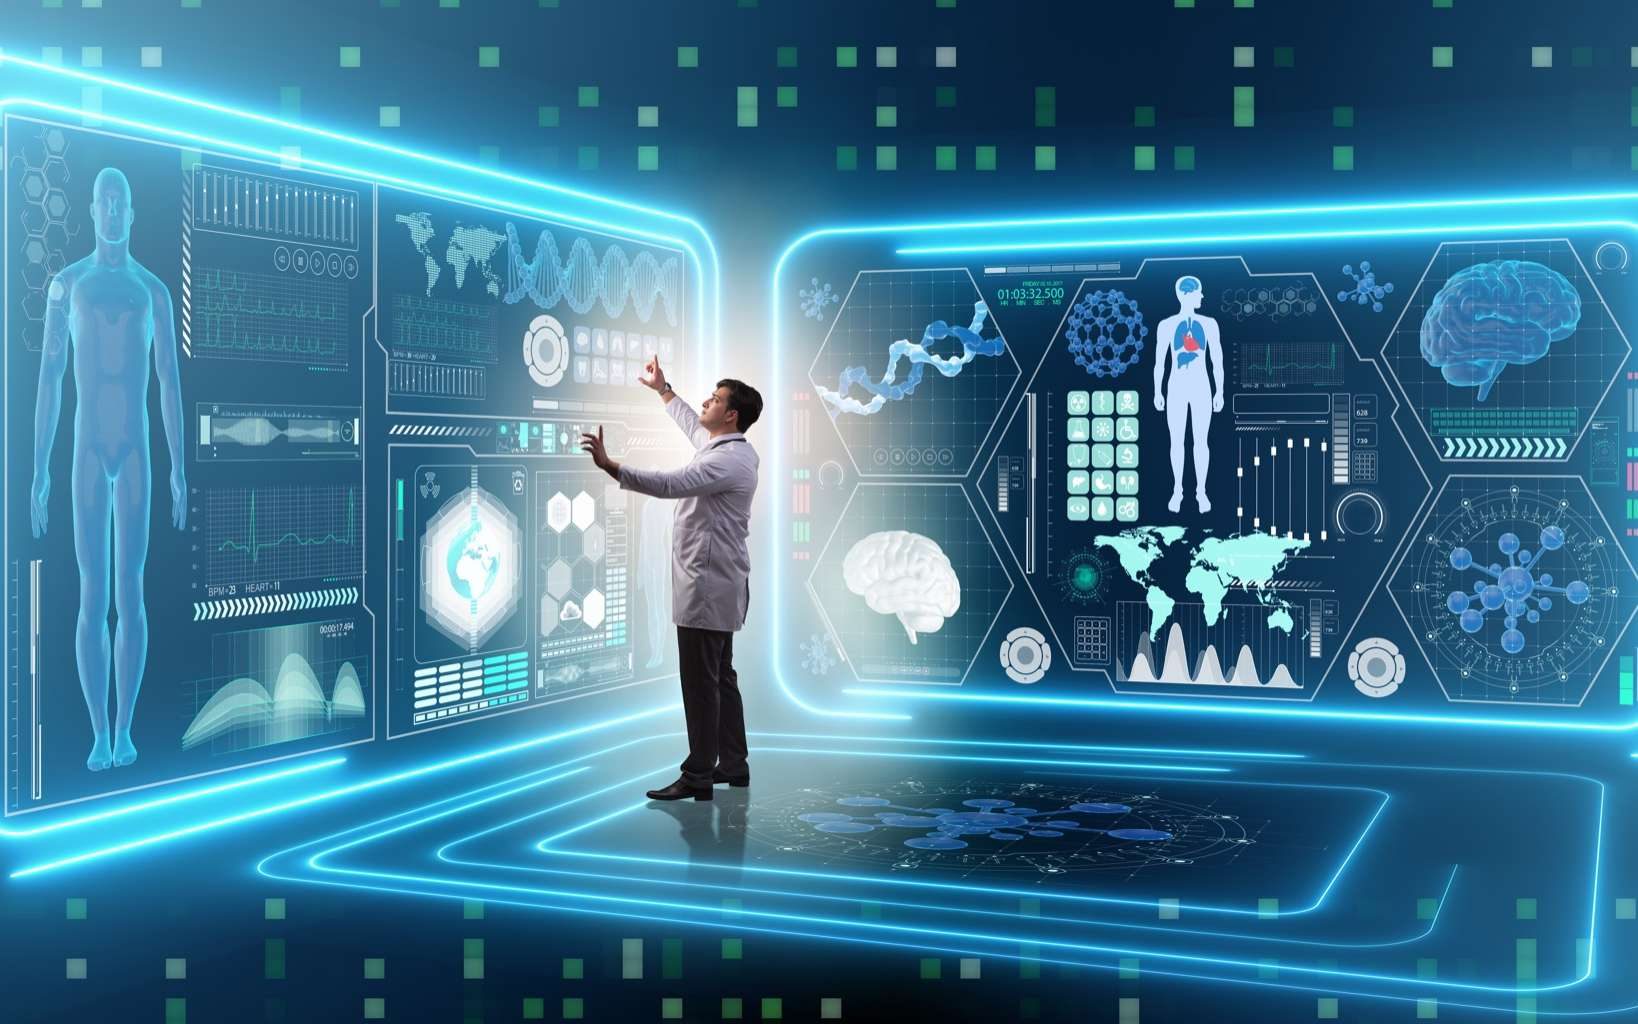 Le digital se développe dans le domaine de la santé. © Elnur, Adobe Stock